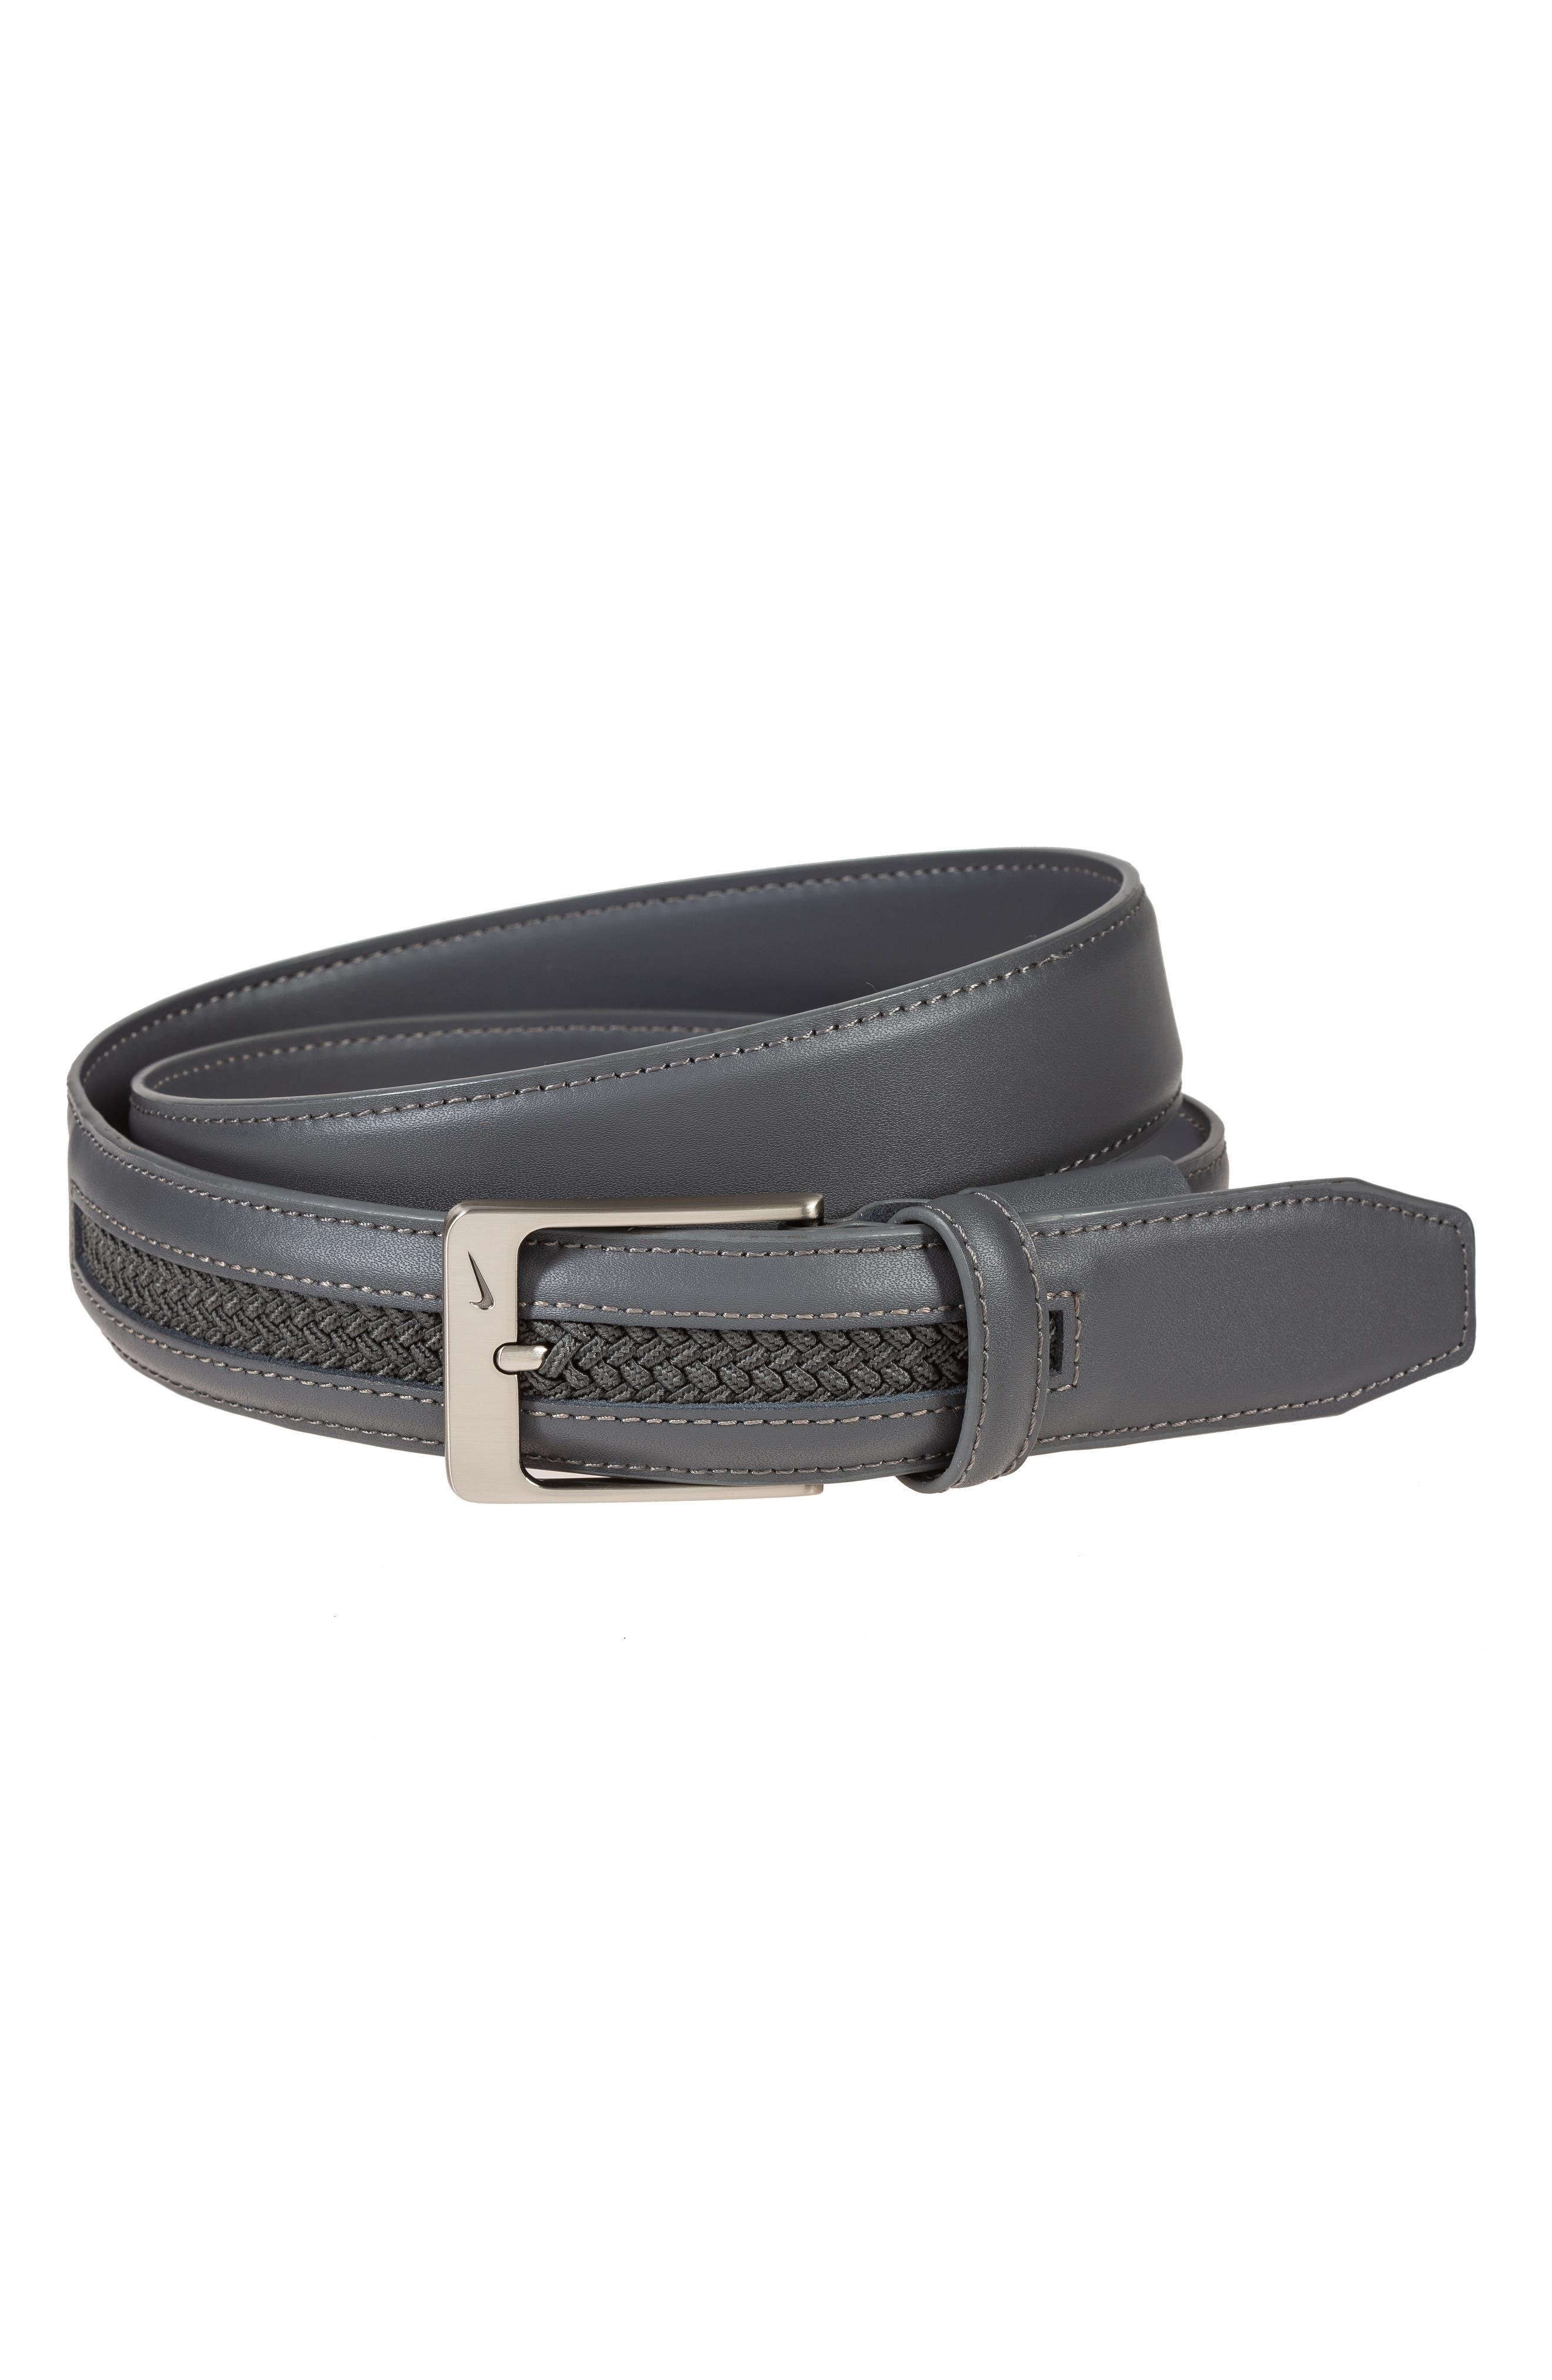 Nike G-Flex Woven Leather Belt, Dk Grey